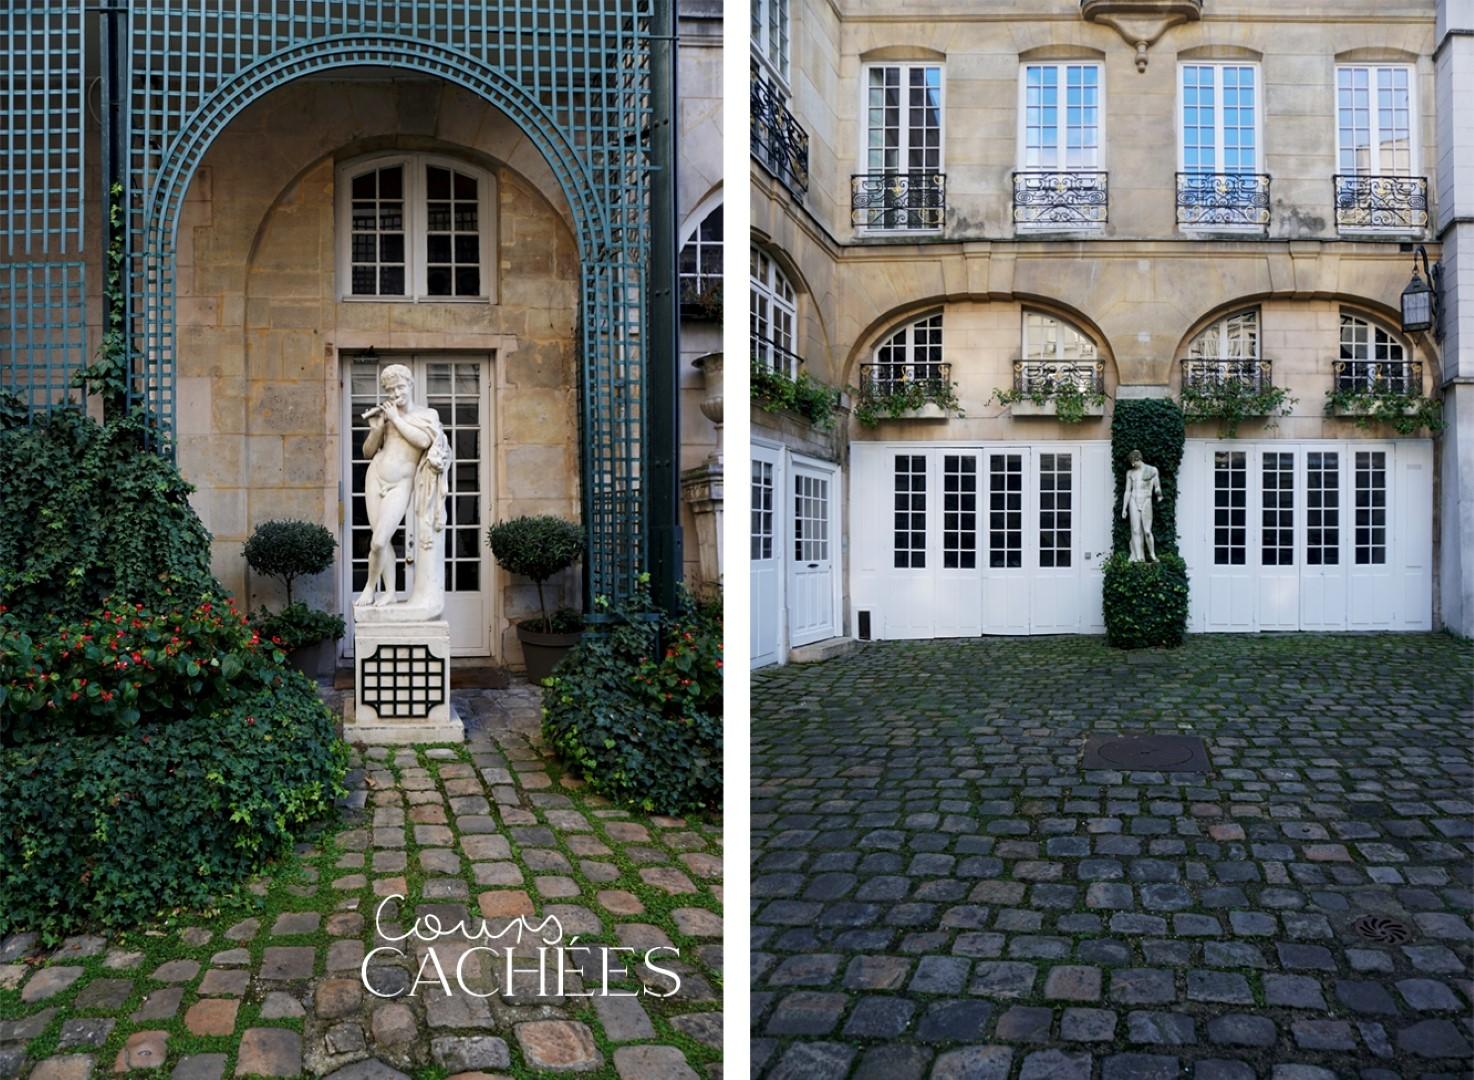 Balade dans le 7e arrondissement de Paris | de Saint Germain des Près au quartier du Gros Caillou - Cours cachées